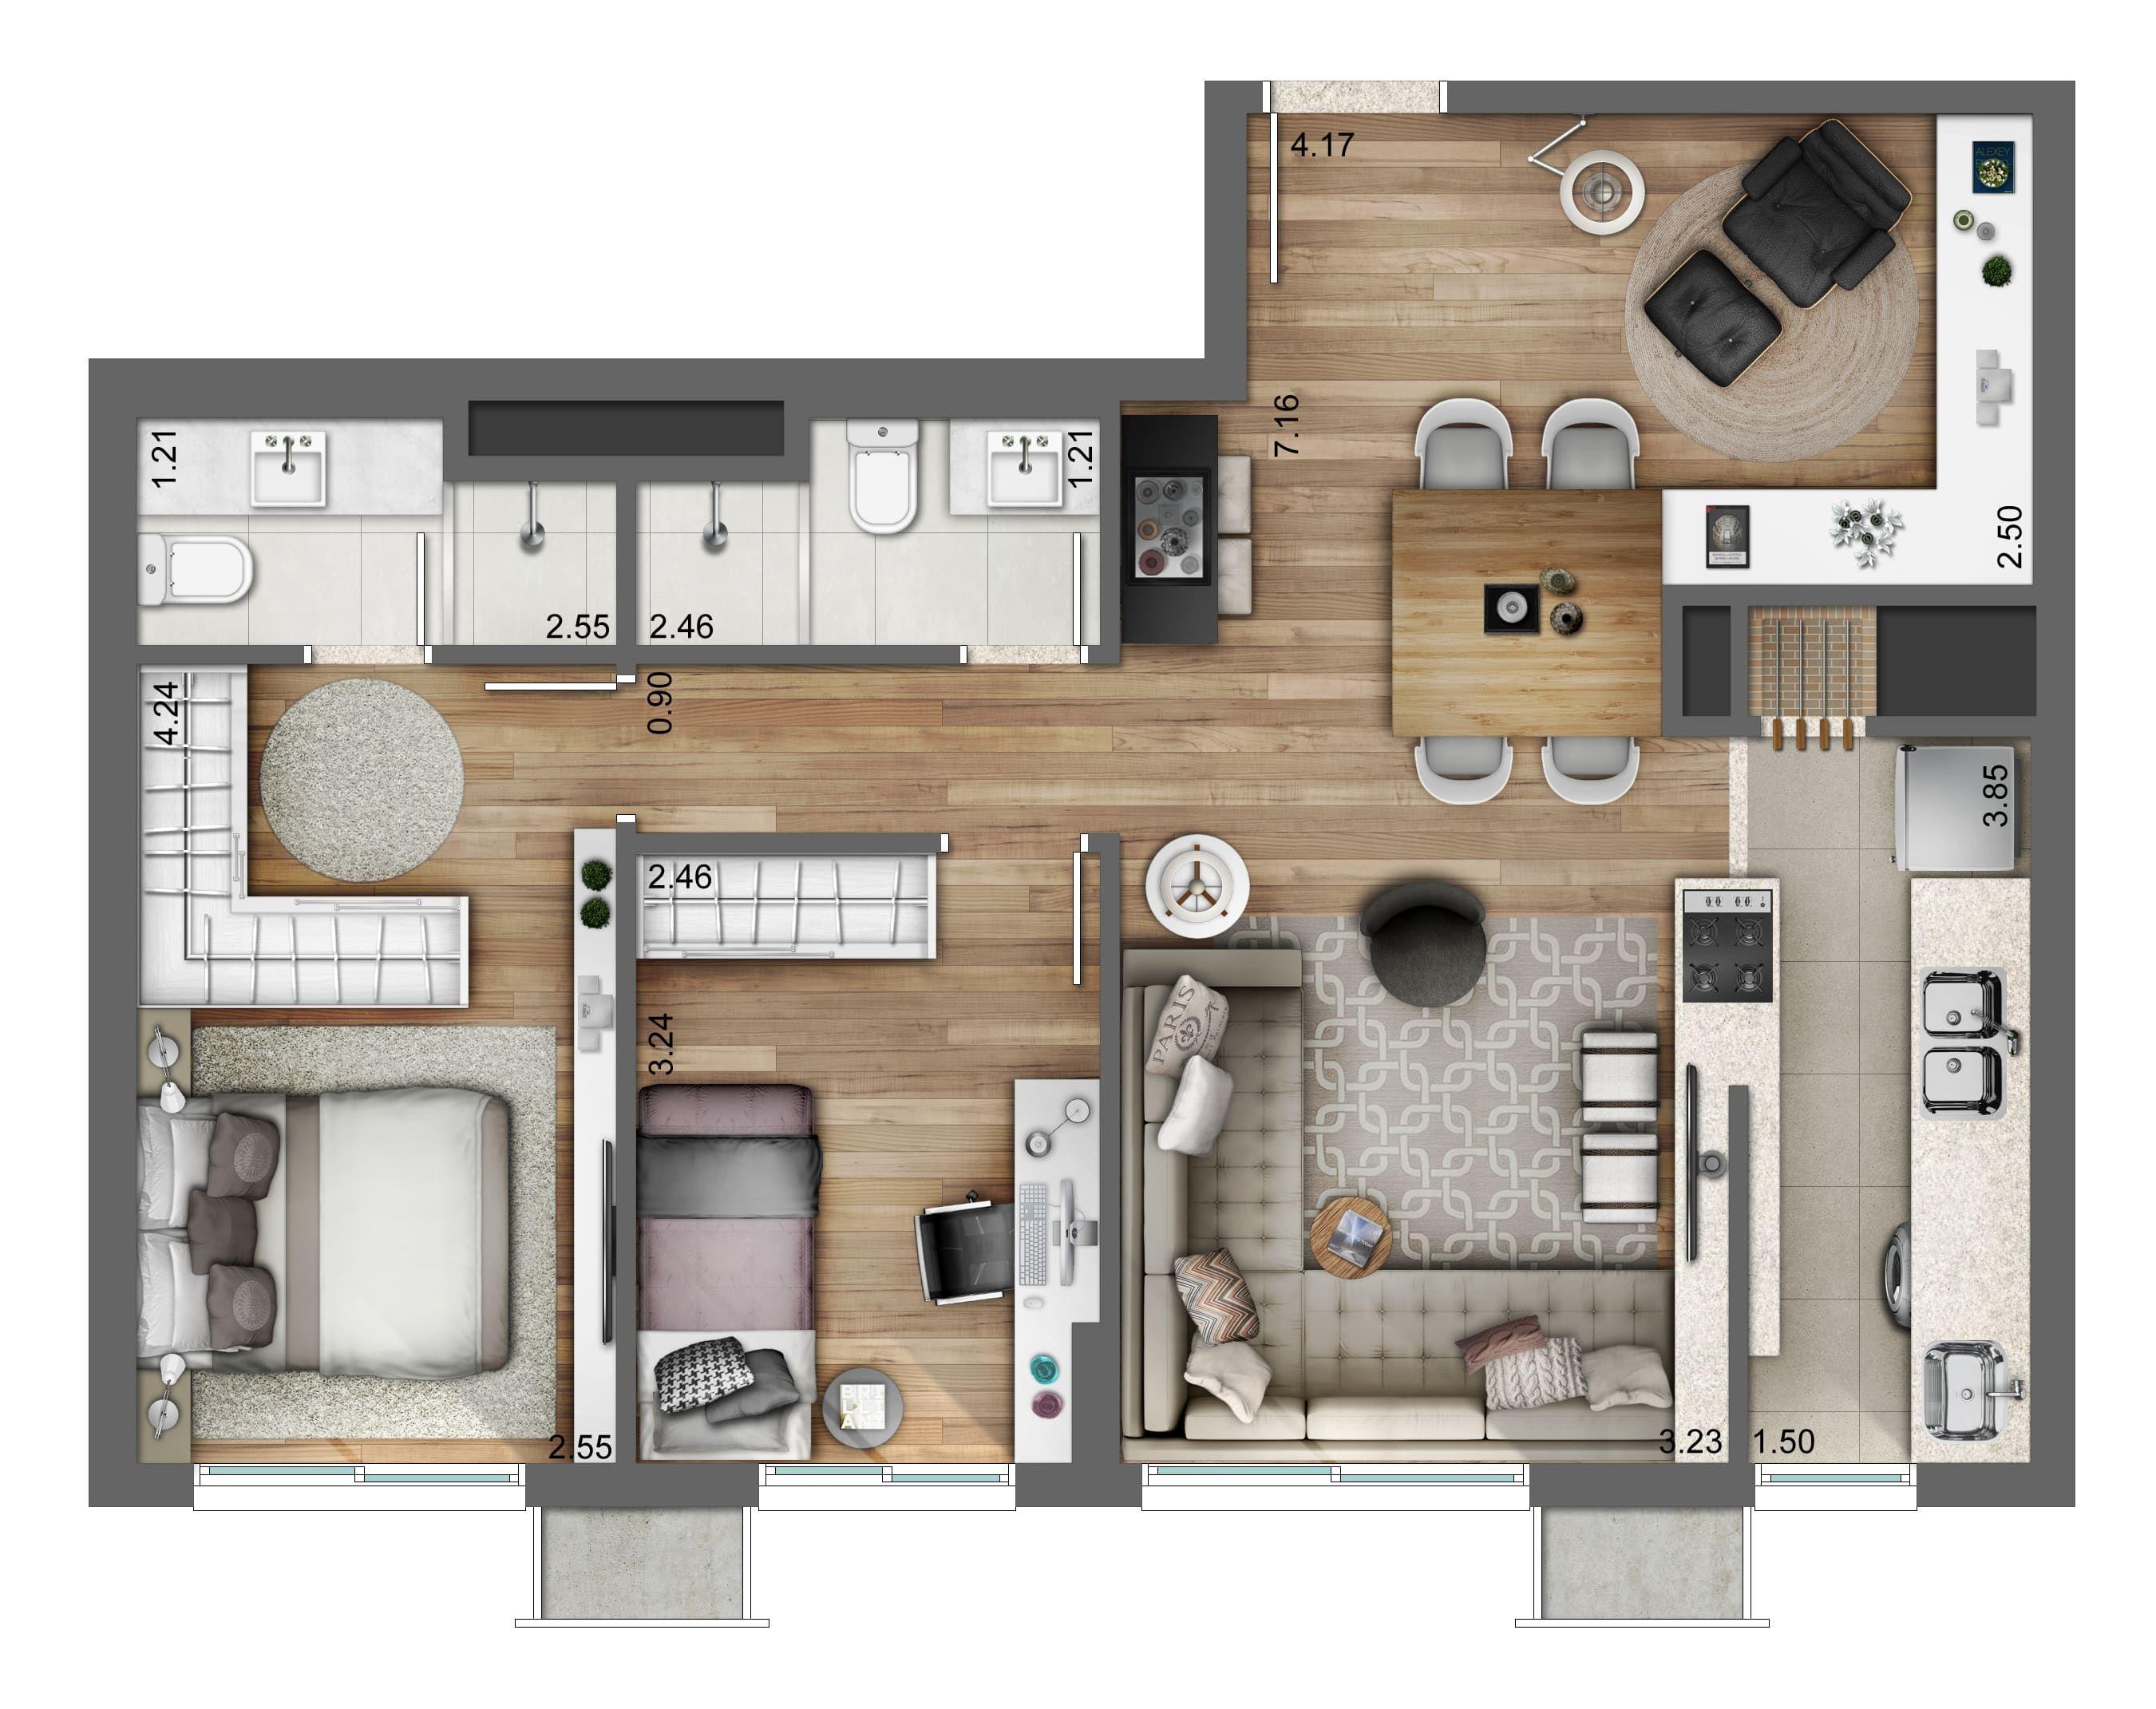 Eu tiraria um banheiro sims 4 pinterest planos for Planos casas sims